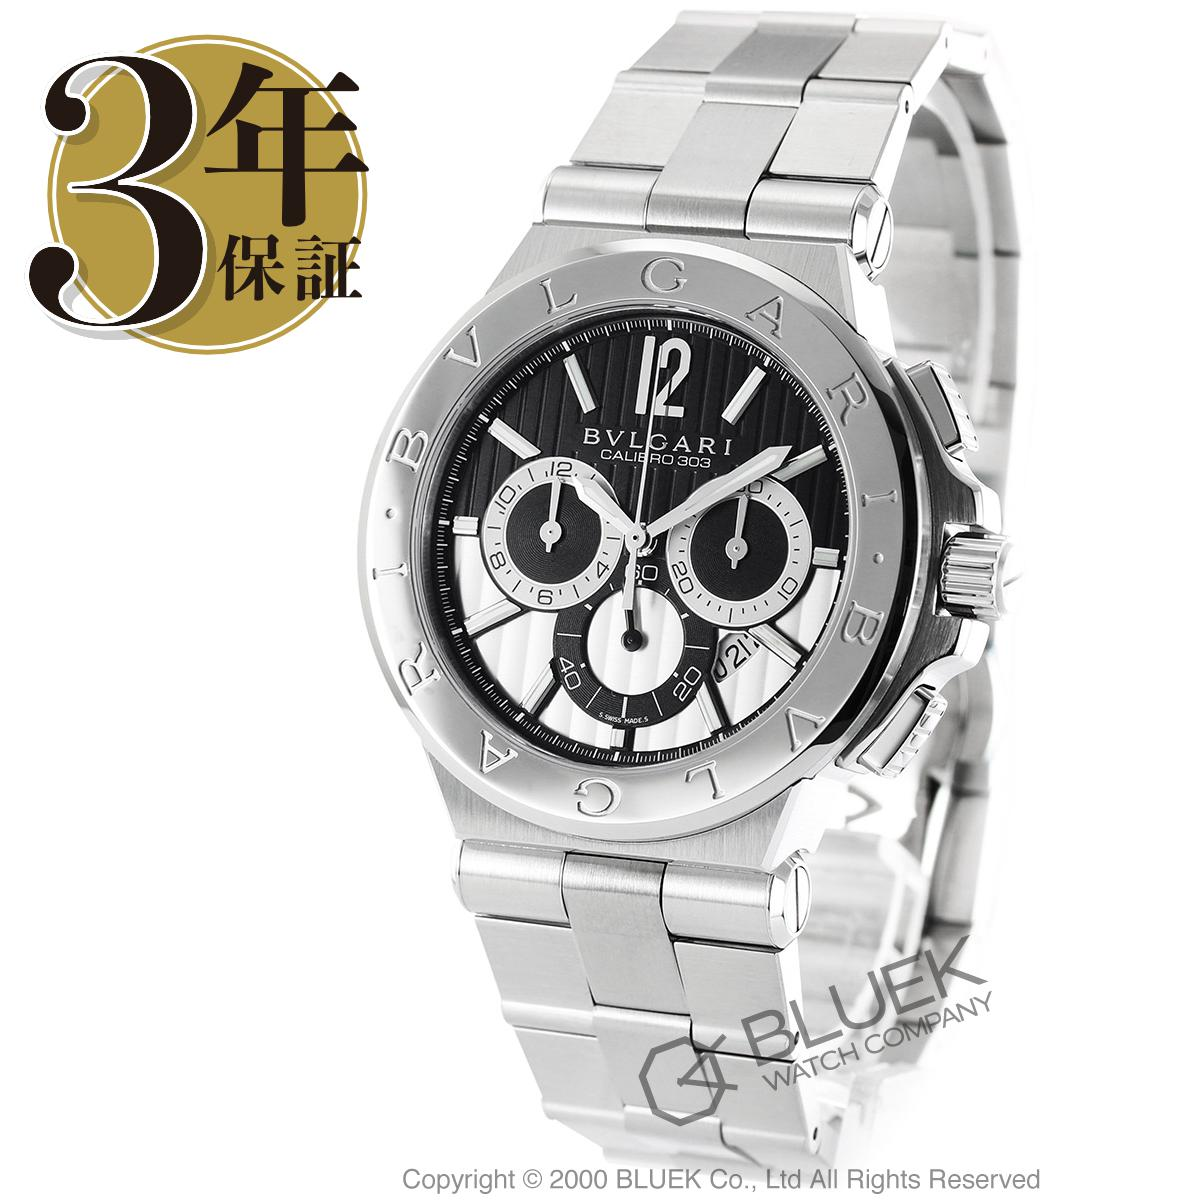 ブルガリ ディアゴノ カリブロ303 クロノグラフ 腕時計 メンズ BVLGARI DG42BSSDCH_8